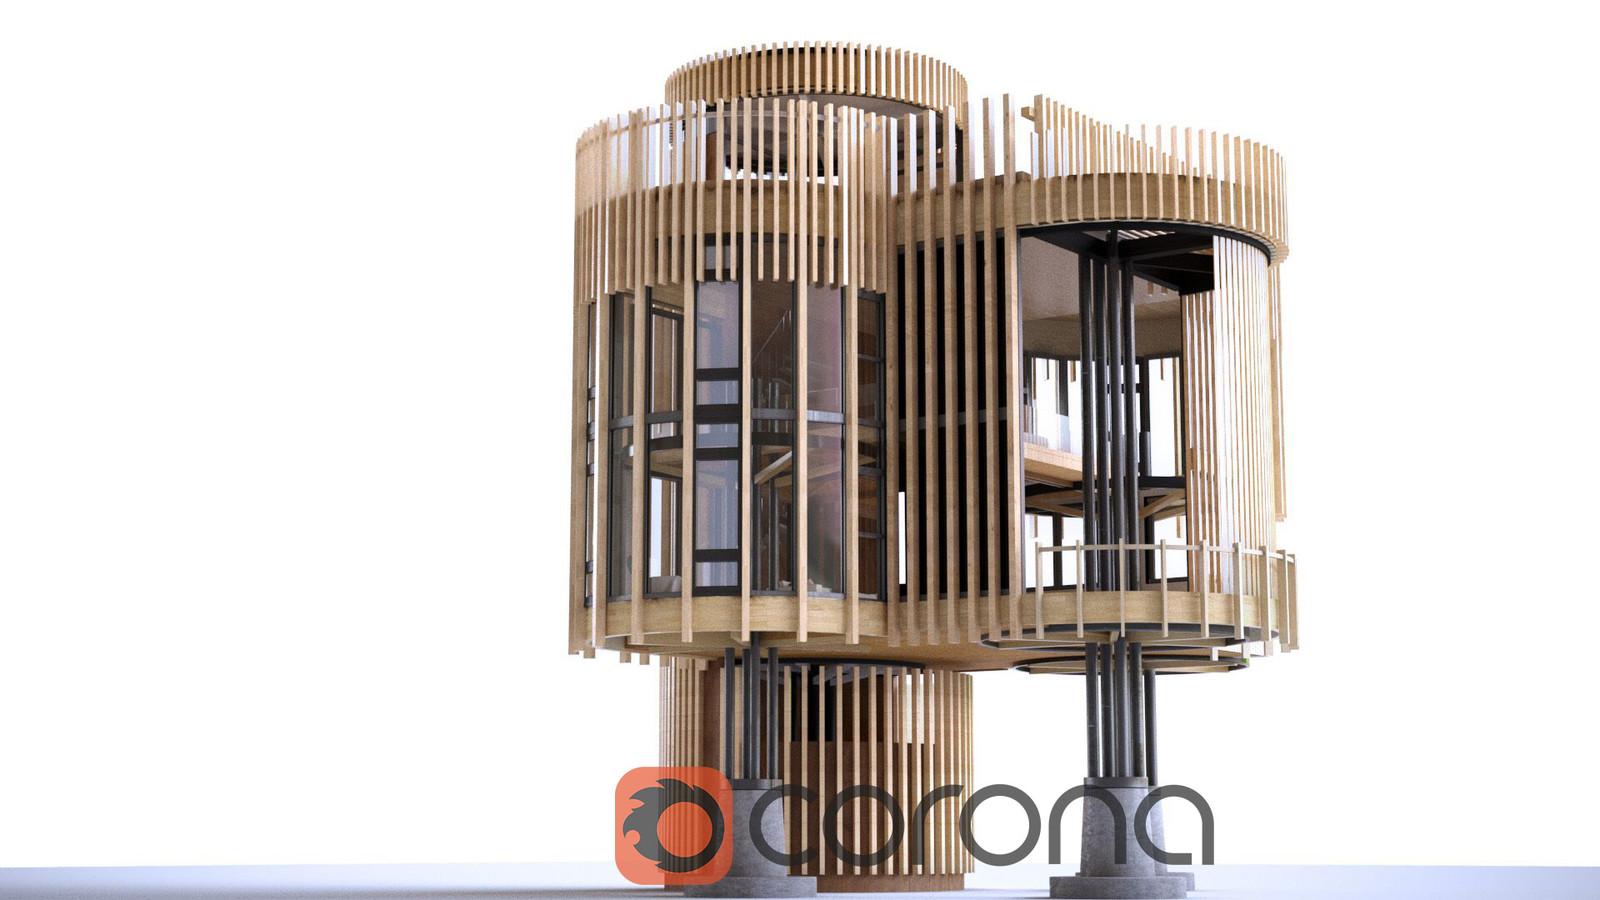 Treehouse Design - Corona Renderer